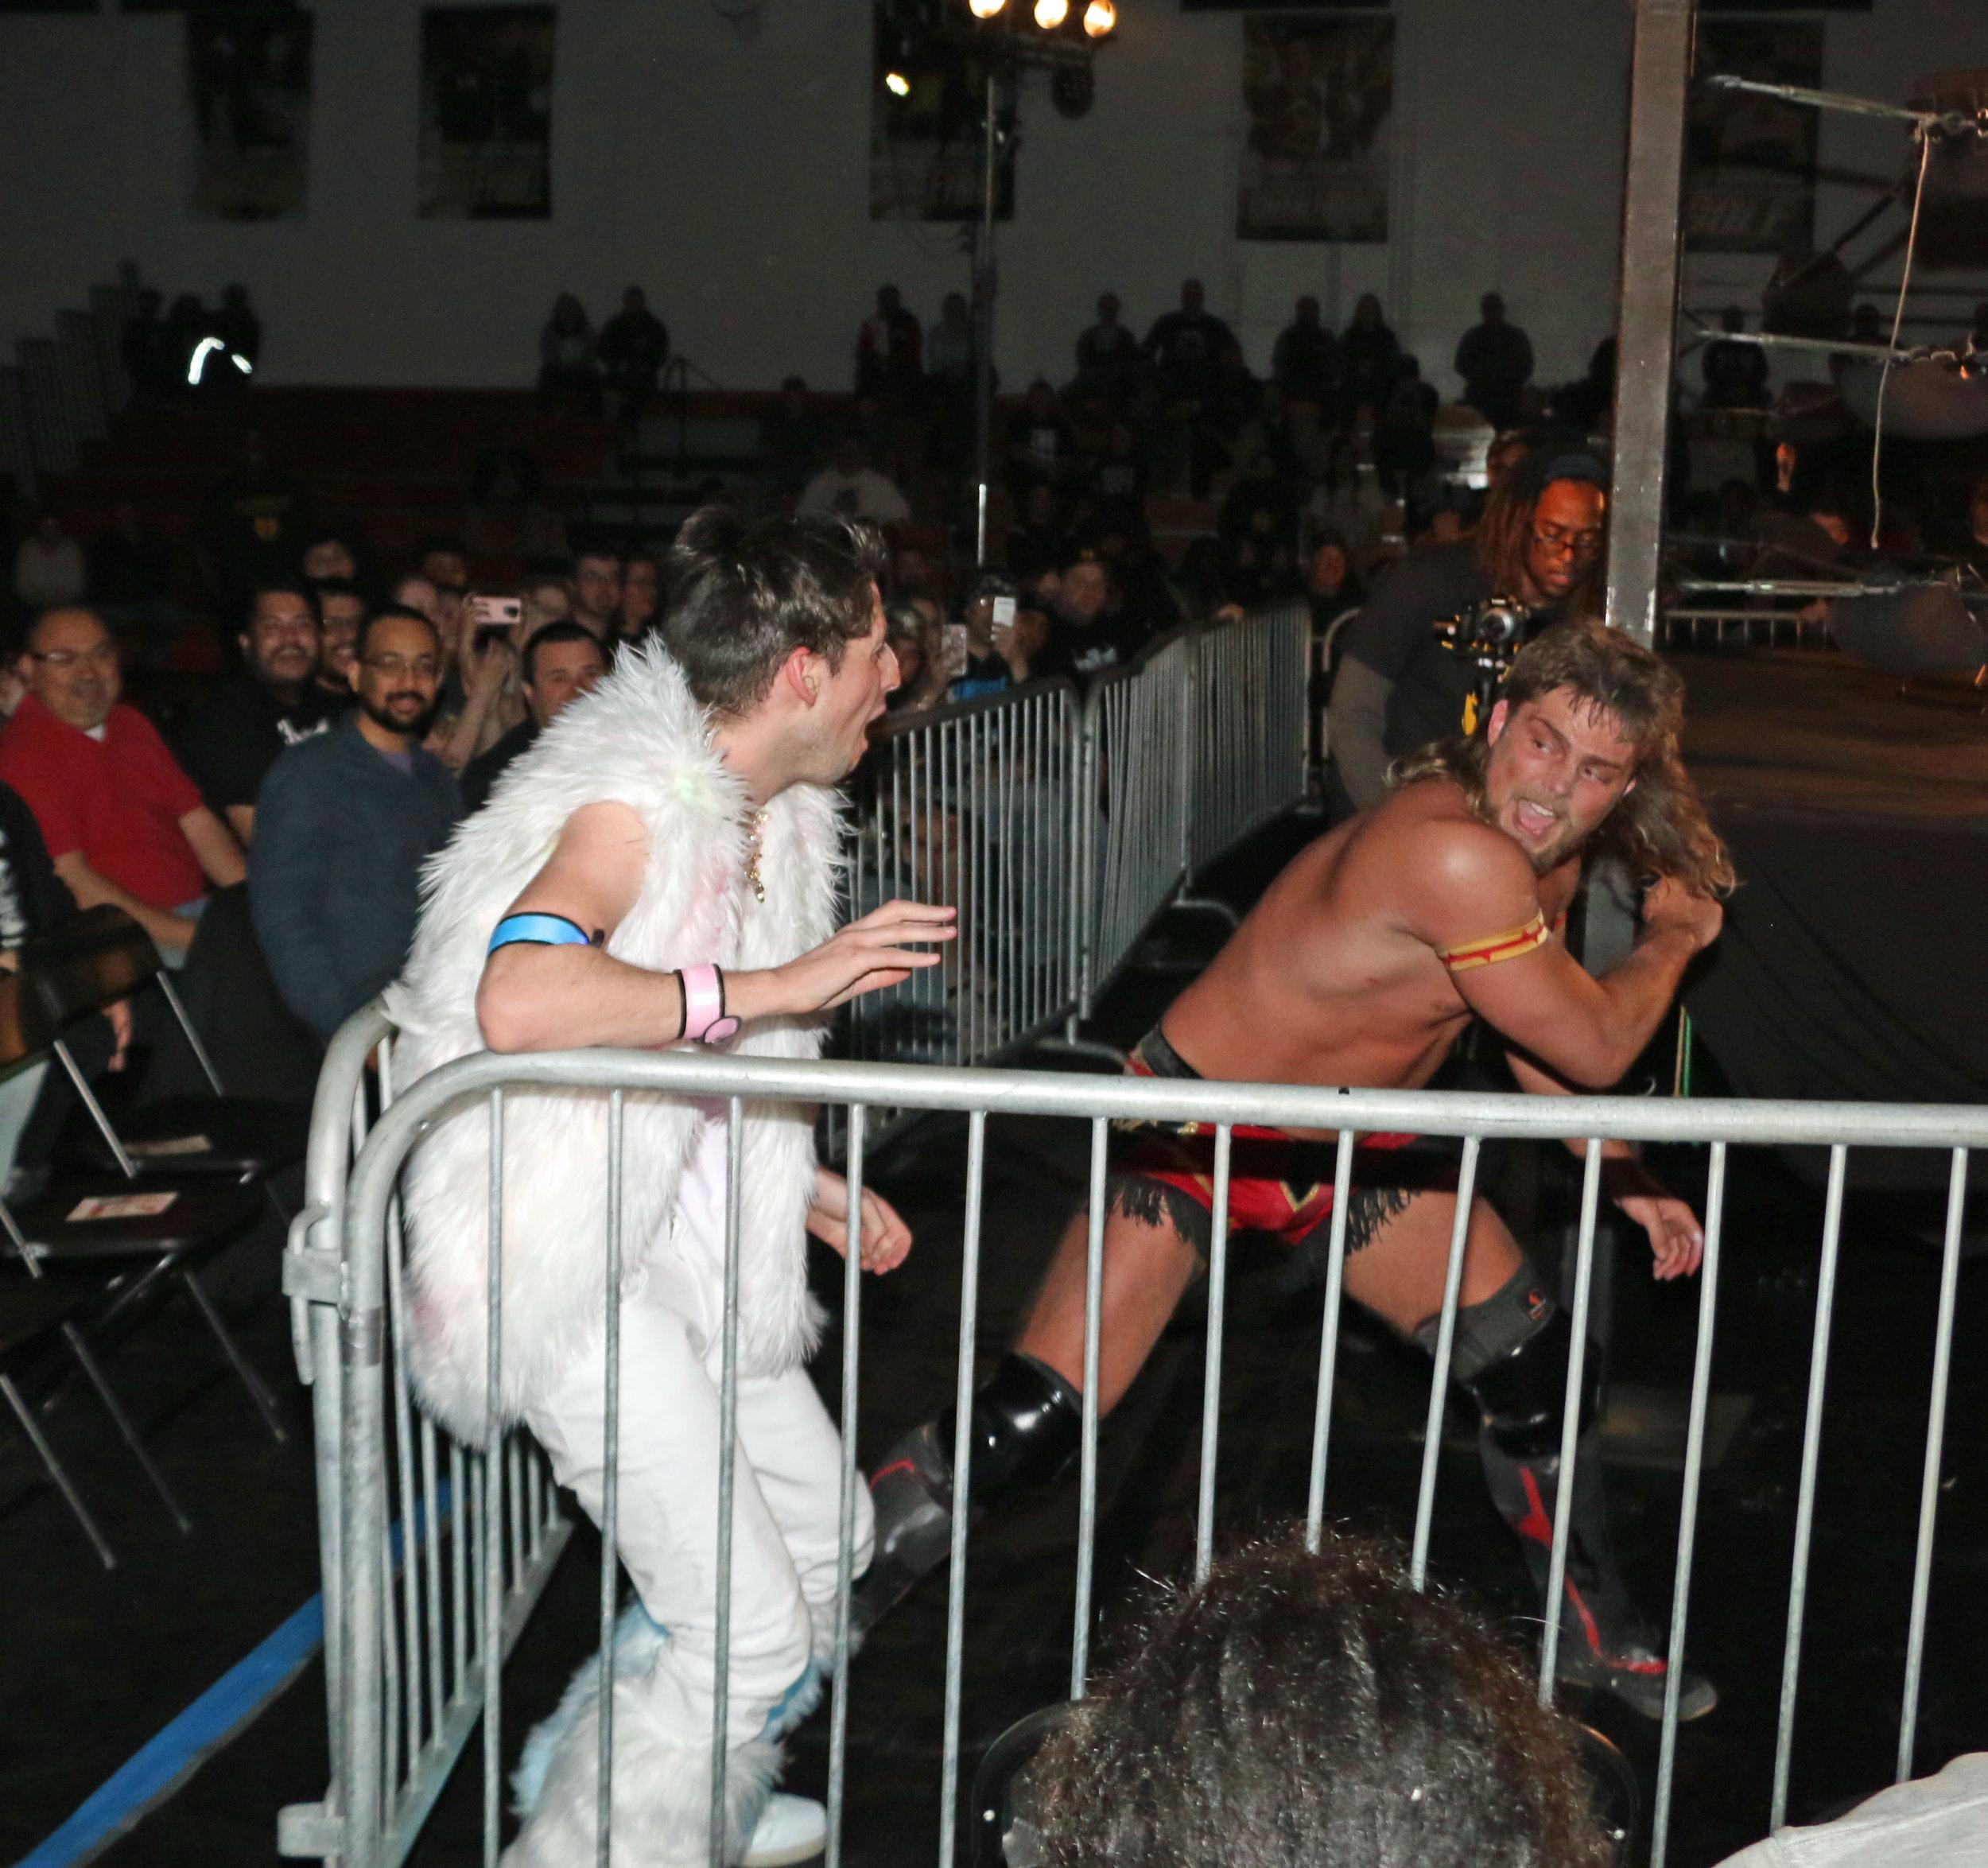 Brian Pillman Jr. unleashes a chop to Frank the Clown.